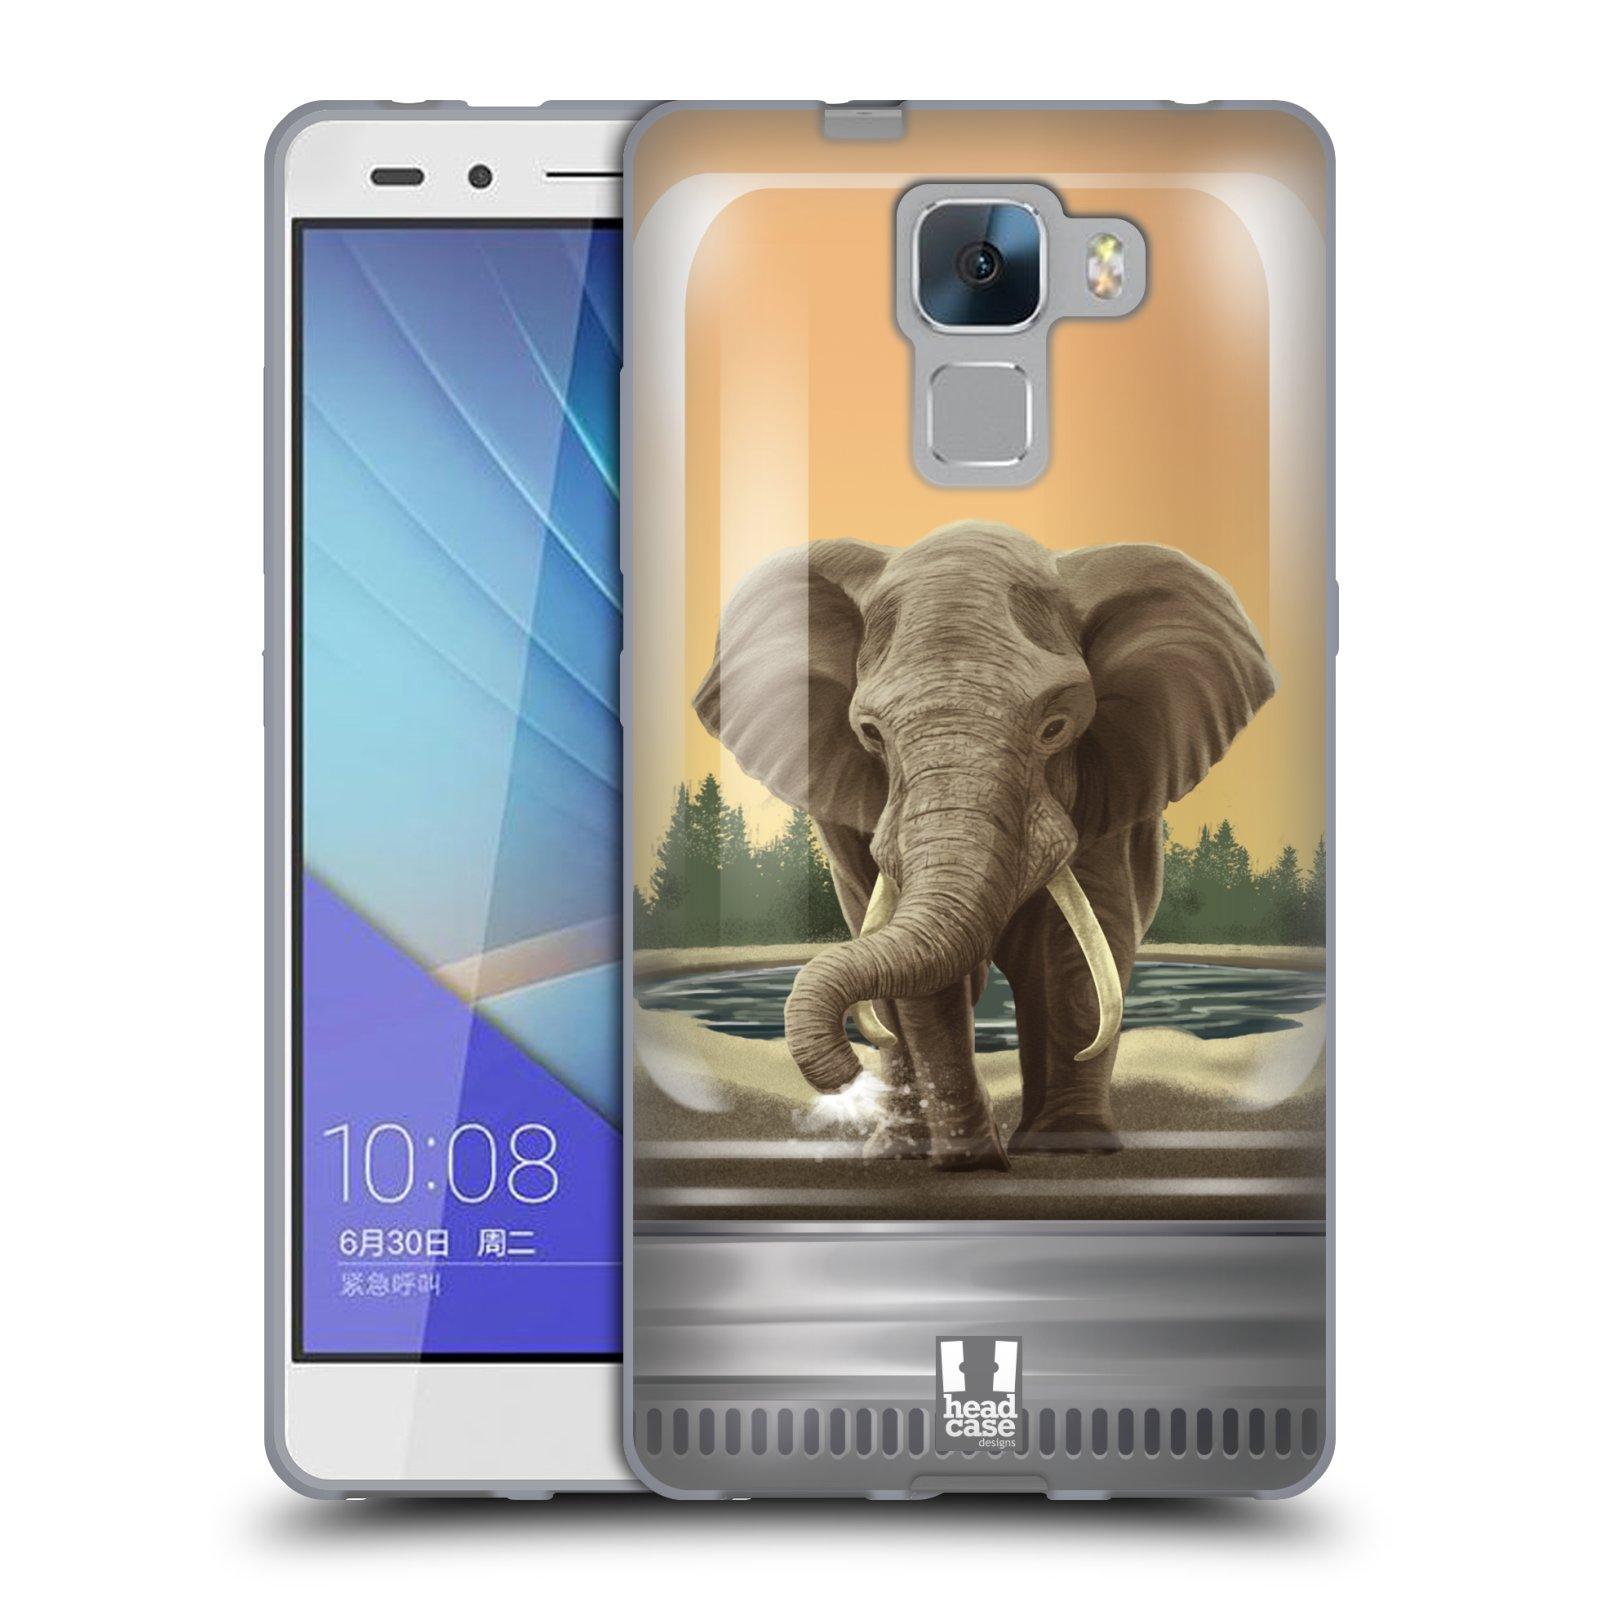 HEAD CASE silikonový obal na mobil HUAWEI HONOR 7 vzor Zvířátka v těžítku slon